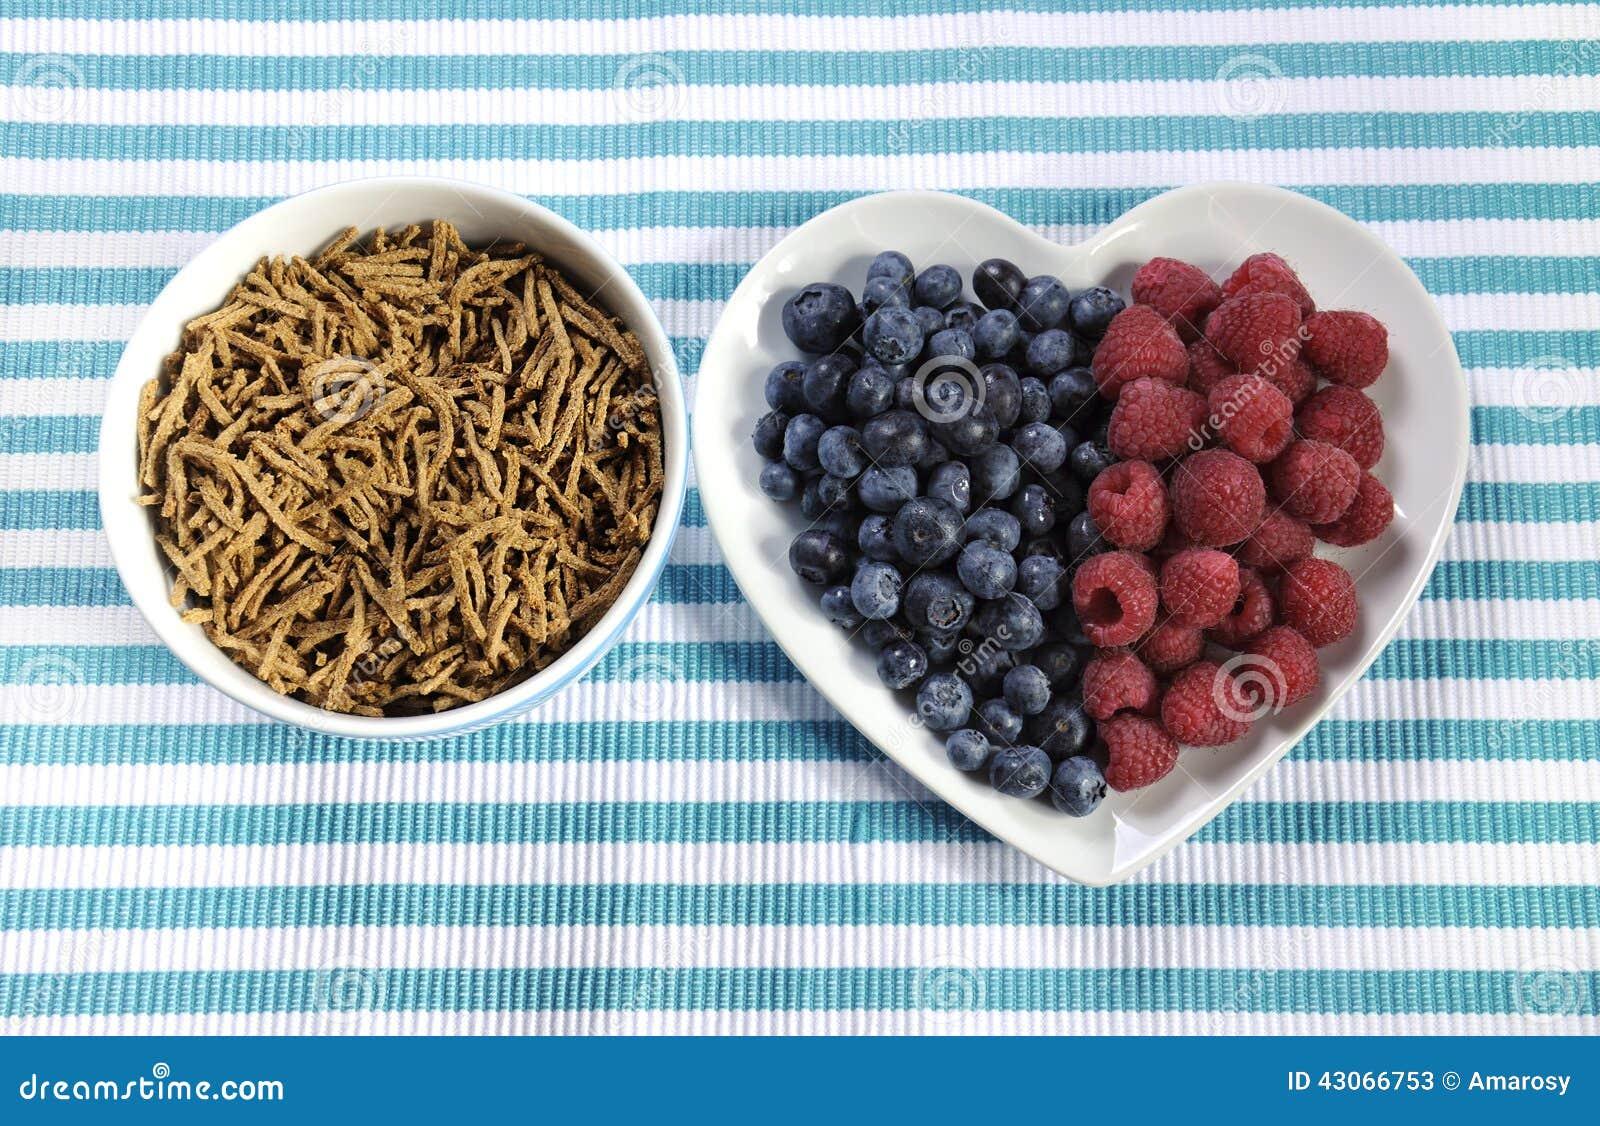 Zdrowej diety włókna wysoki żywienioniowy śniadanie z pucharem otrębiasty zboże i jagody